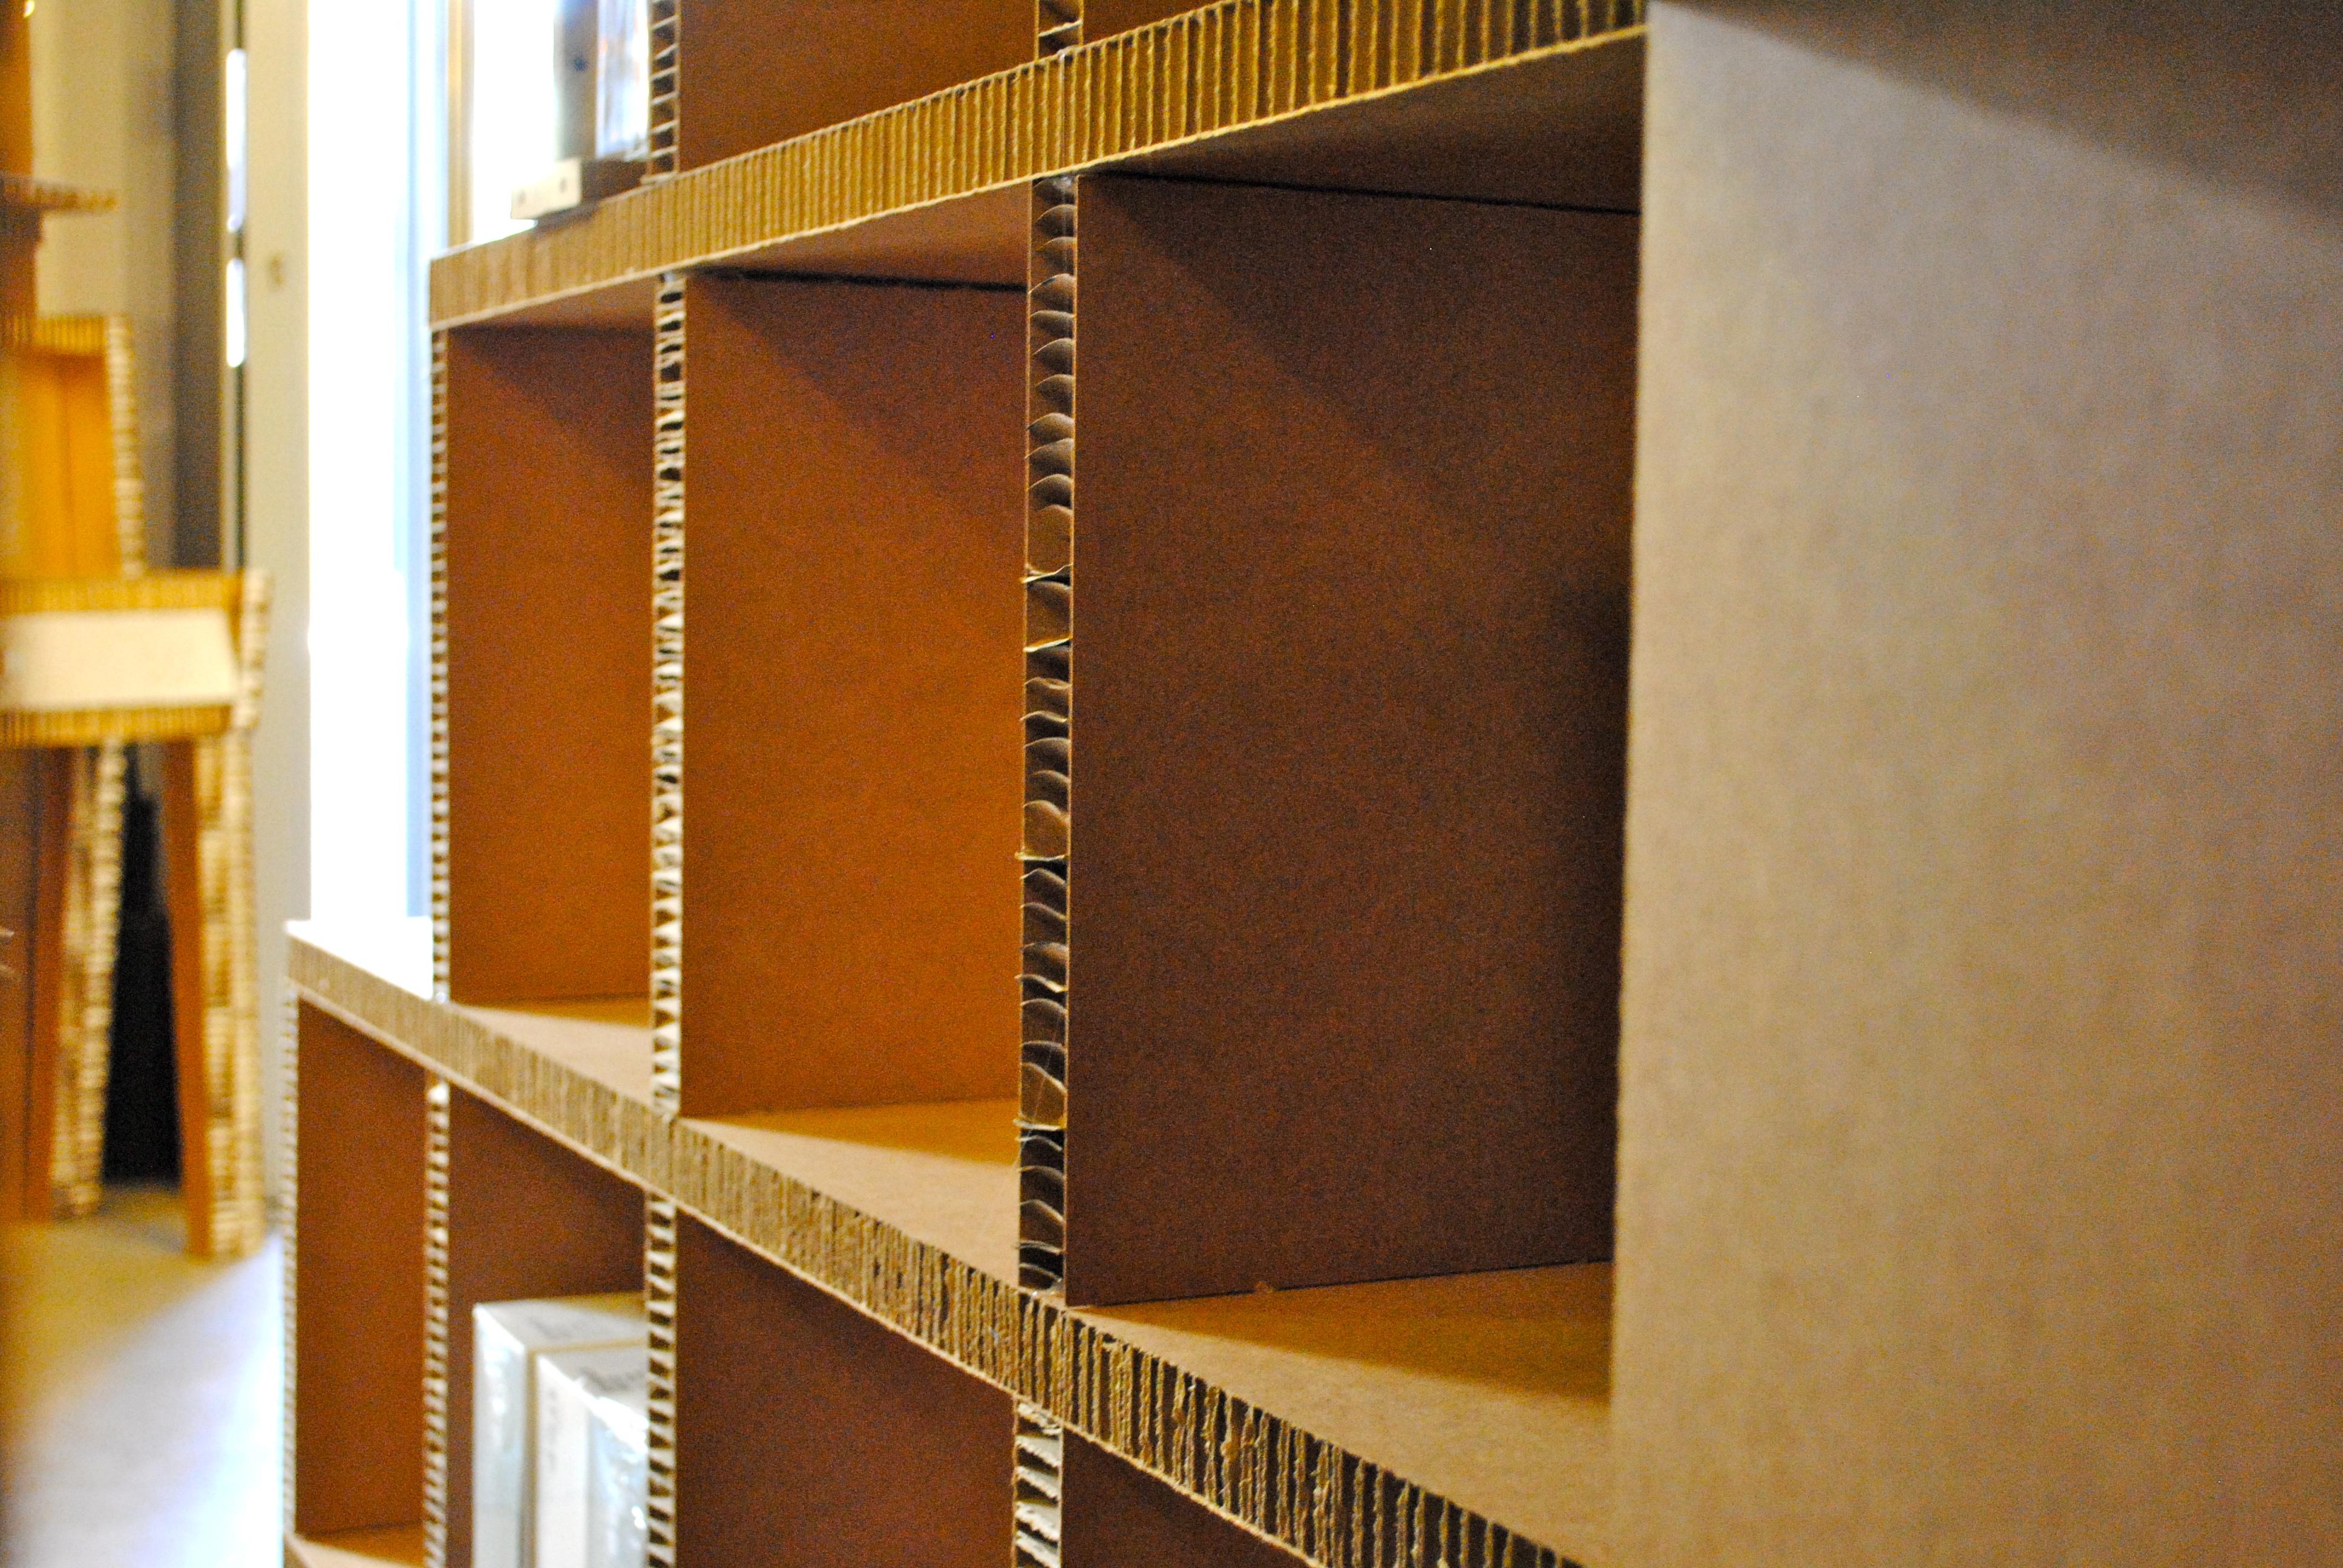 Muebles de cart n la cartoneria p gina 2 - Muebles en carton ...